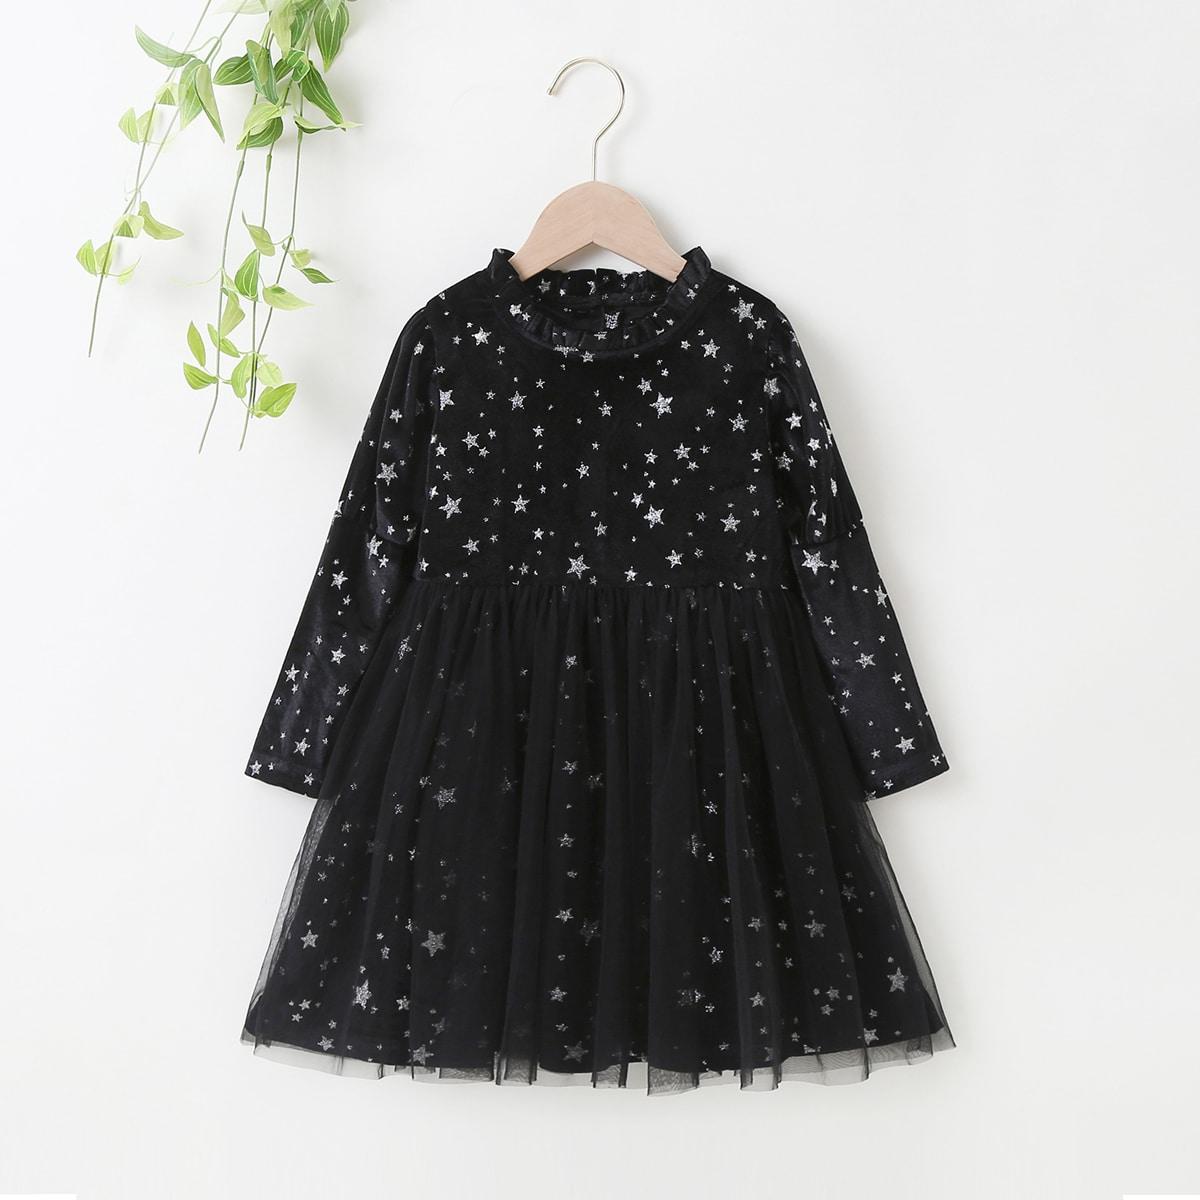 Контрастная сетка принт космос очаровательный платья для девочек